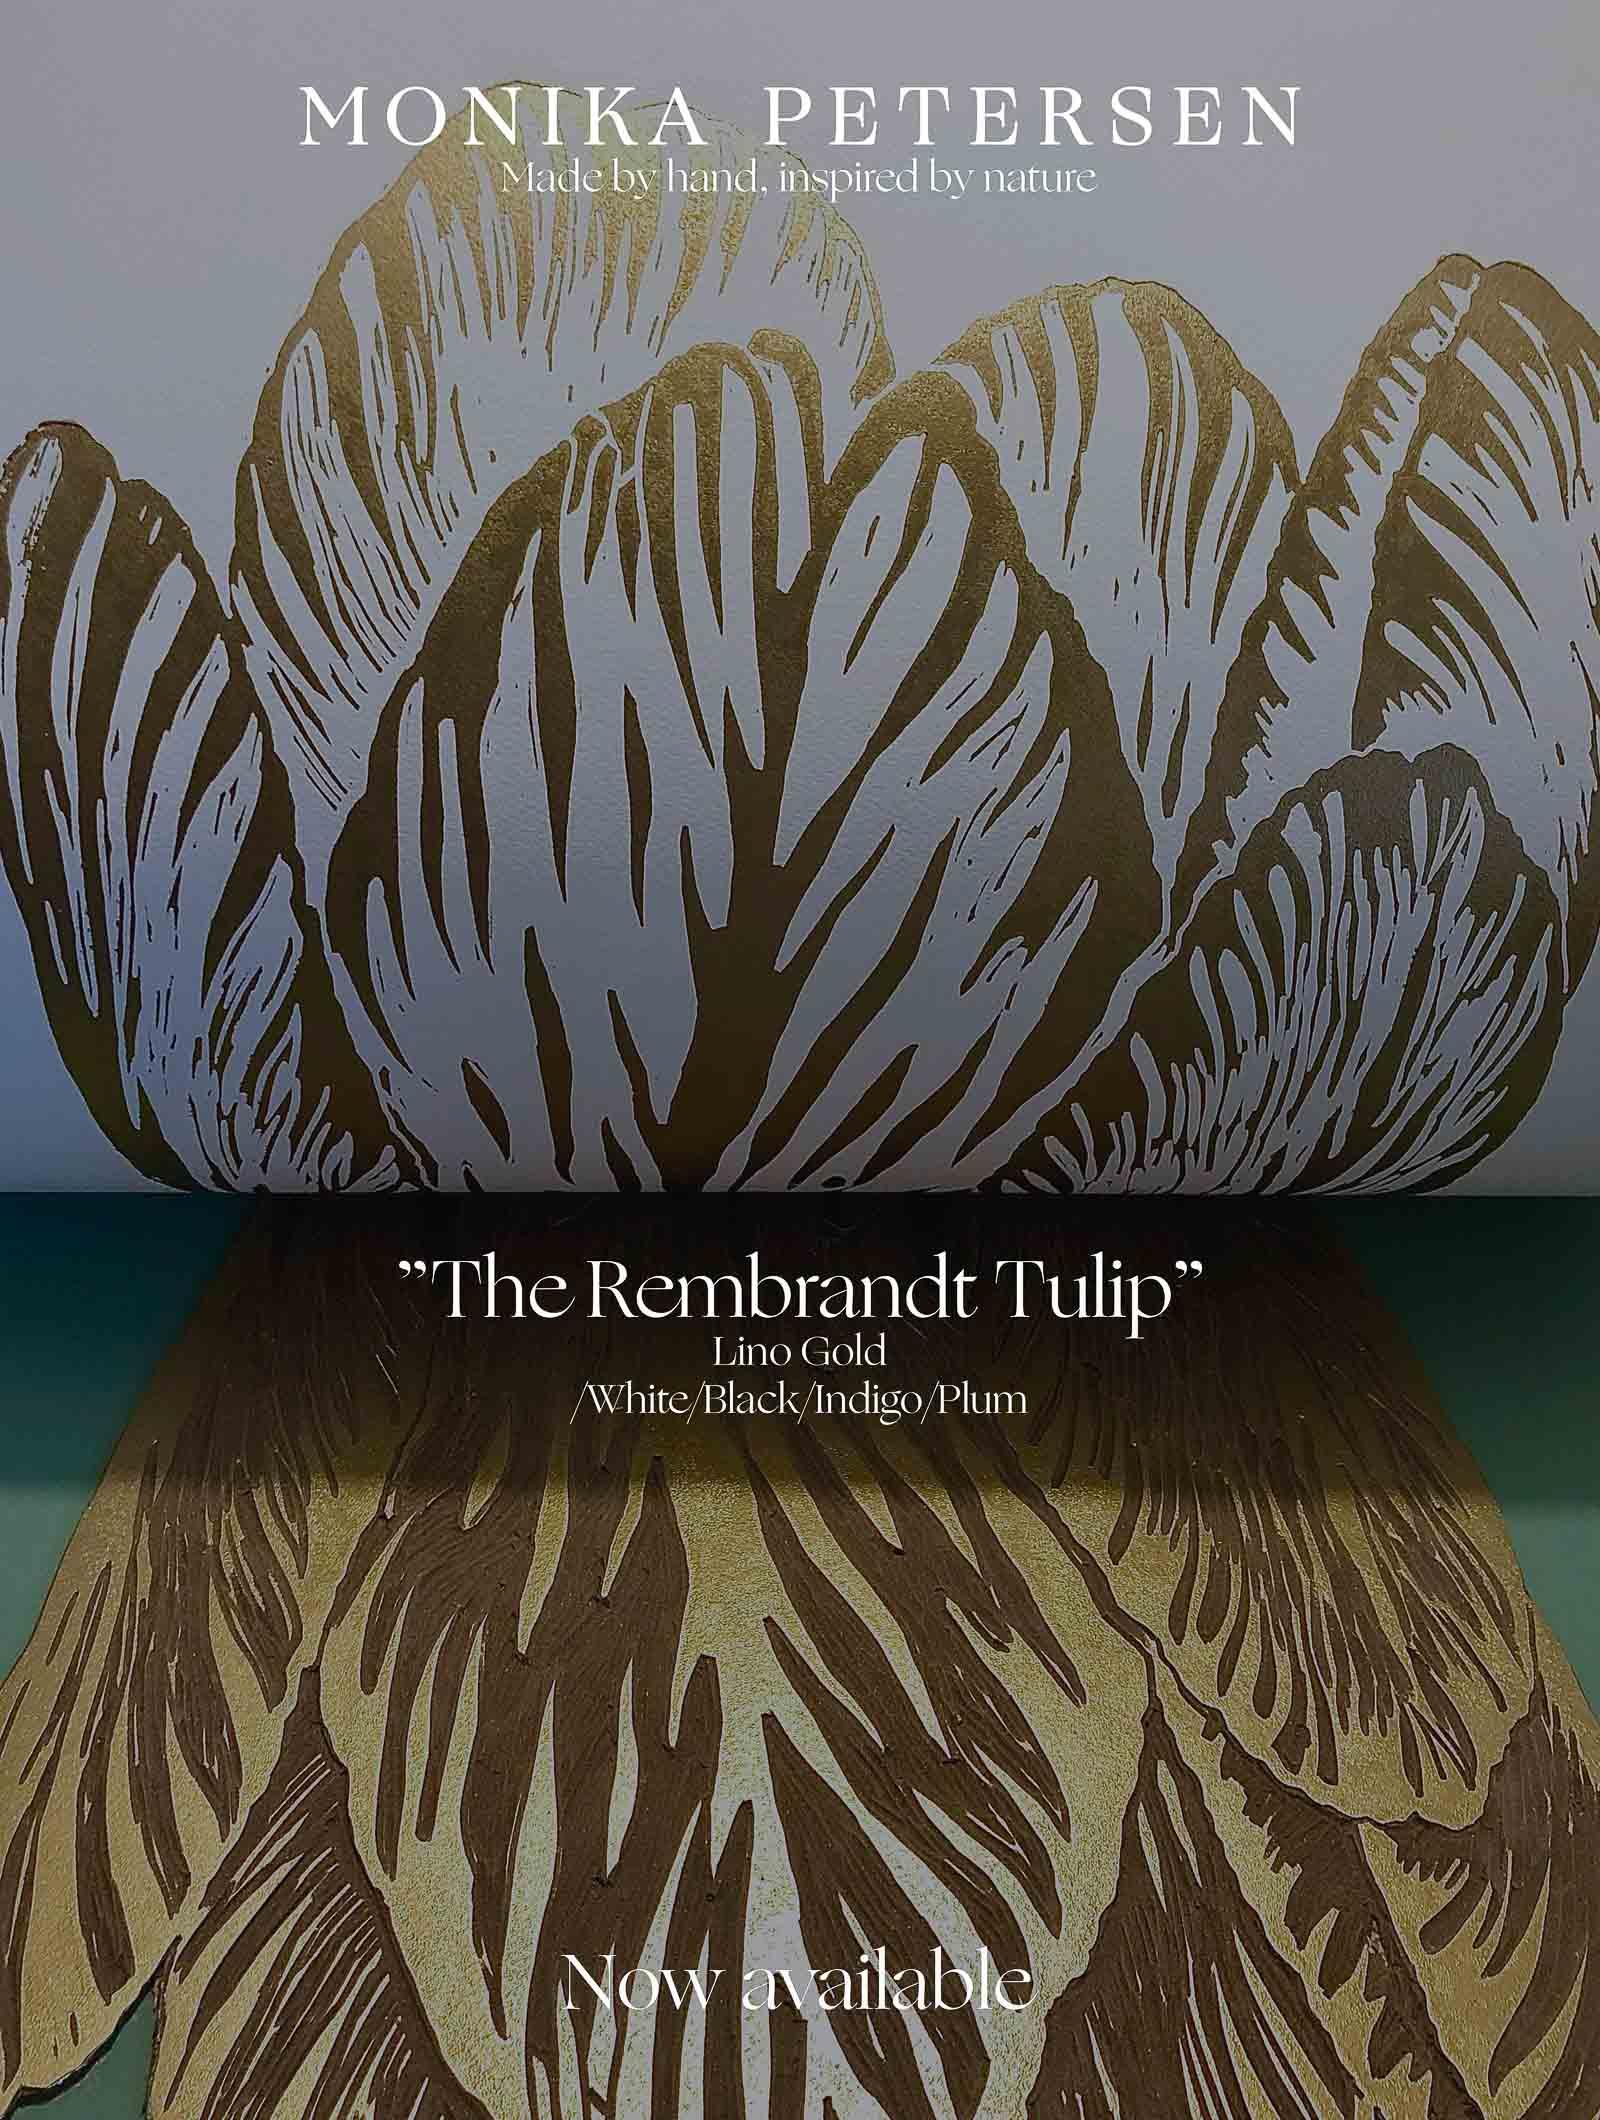 The Rembrandt Tulip